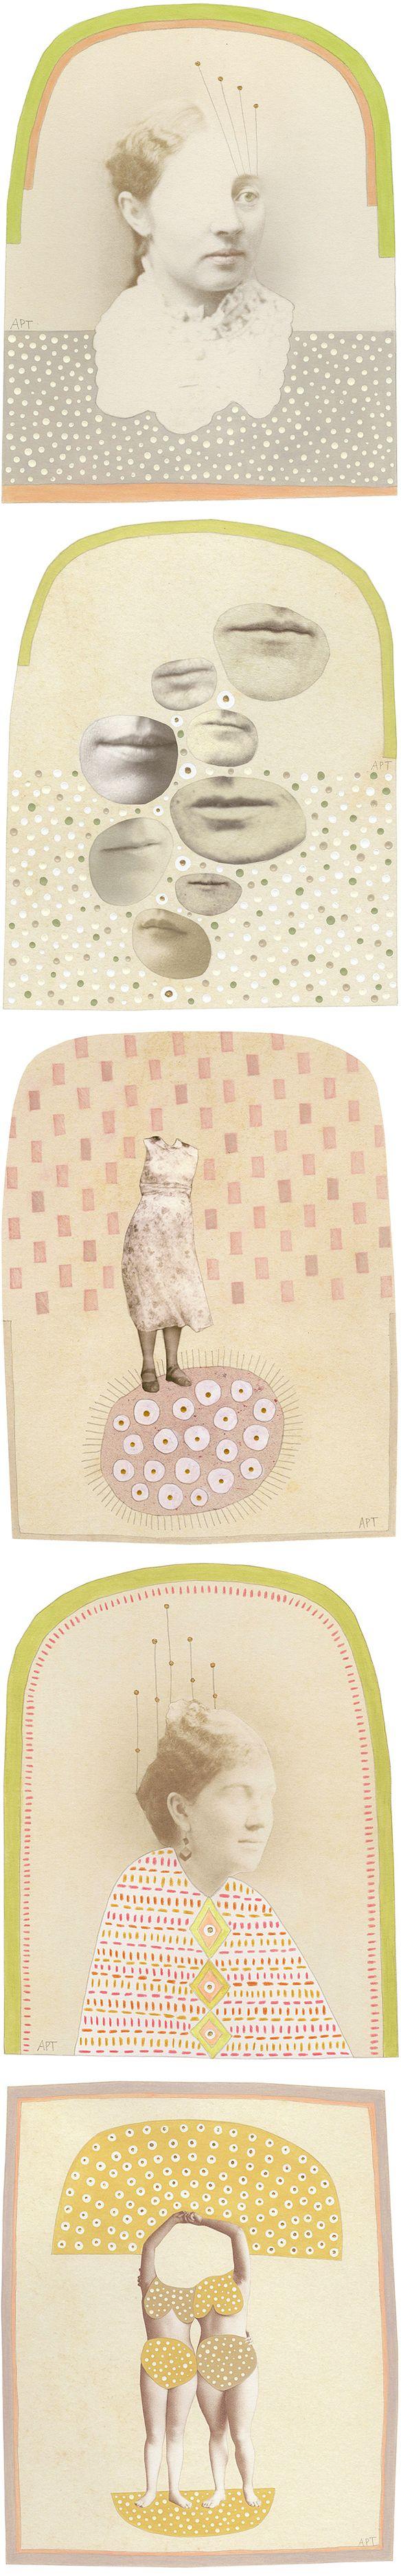 athena petra tasiopoulos | The Jealous Curator | Bloglovin'